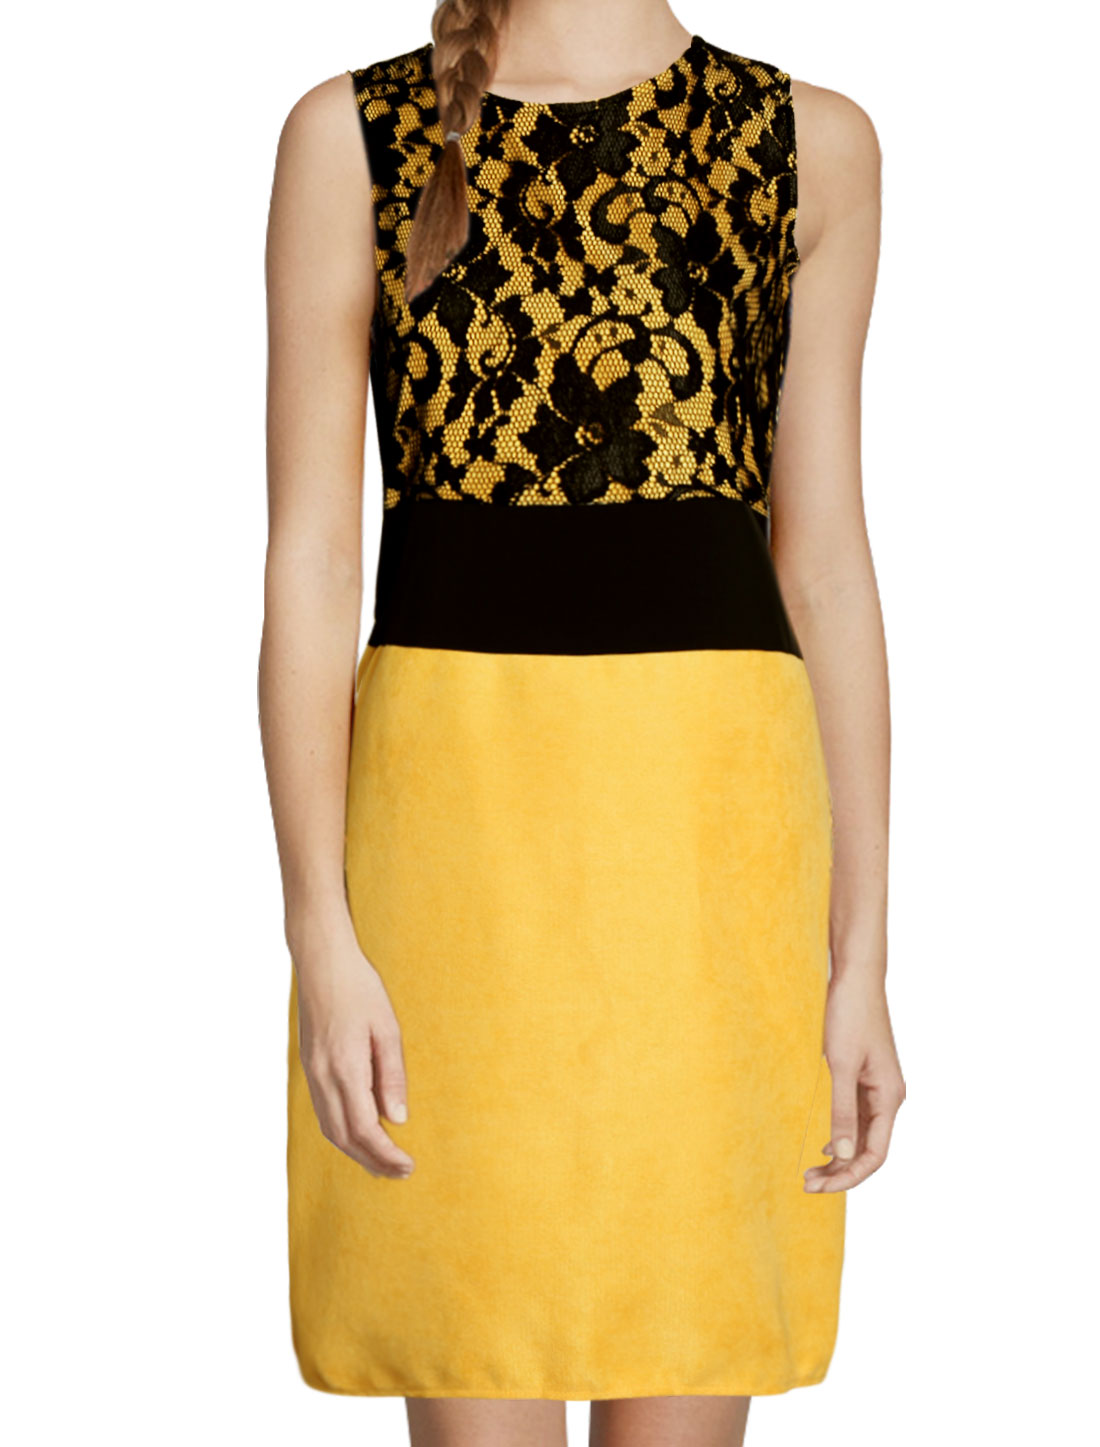 Woman Round Neck Sleeveless Lace Split Back Sheath Dress Yellow M